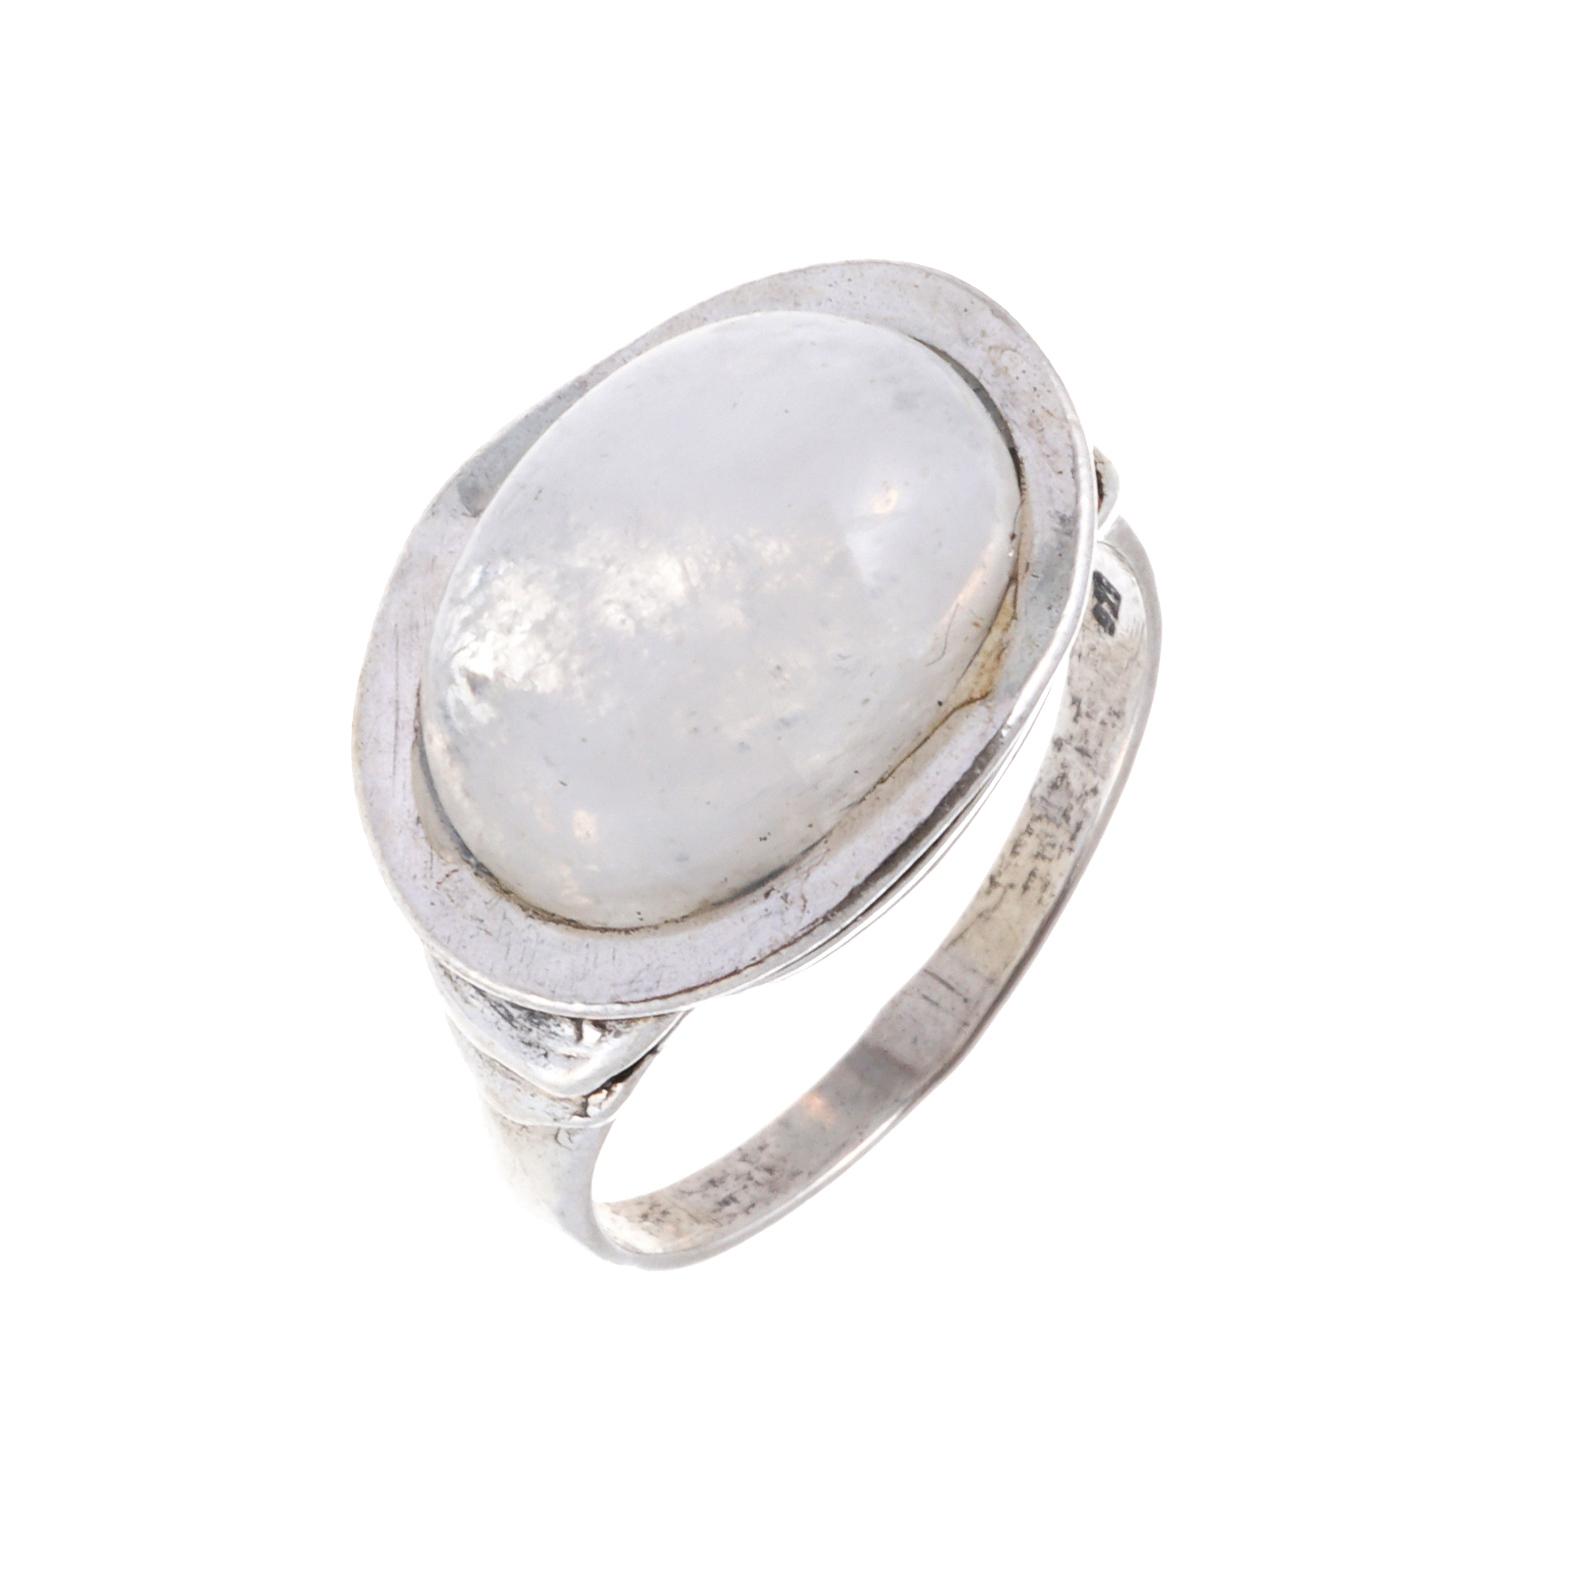 Кольцо изсеребра сКианитом